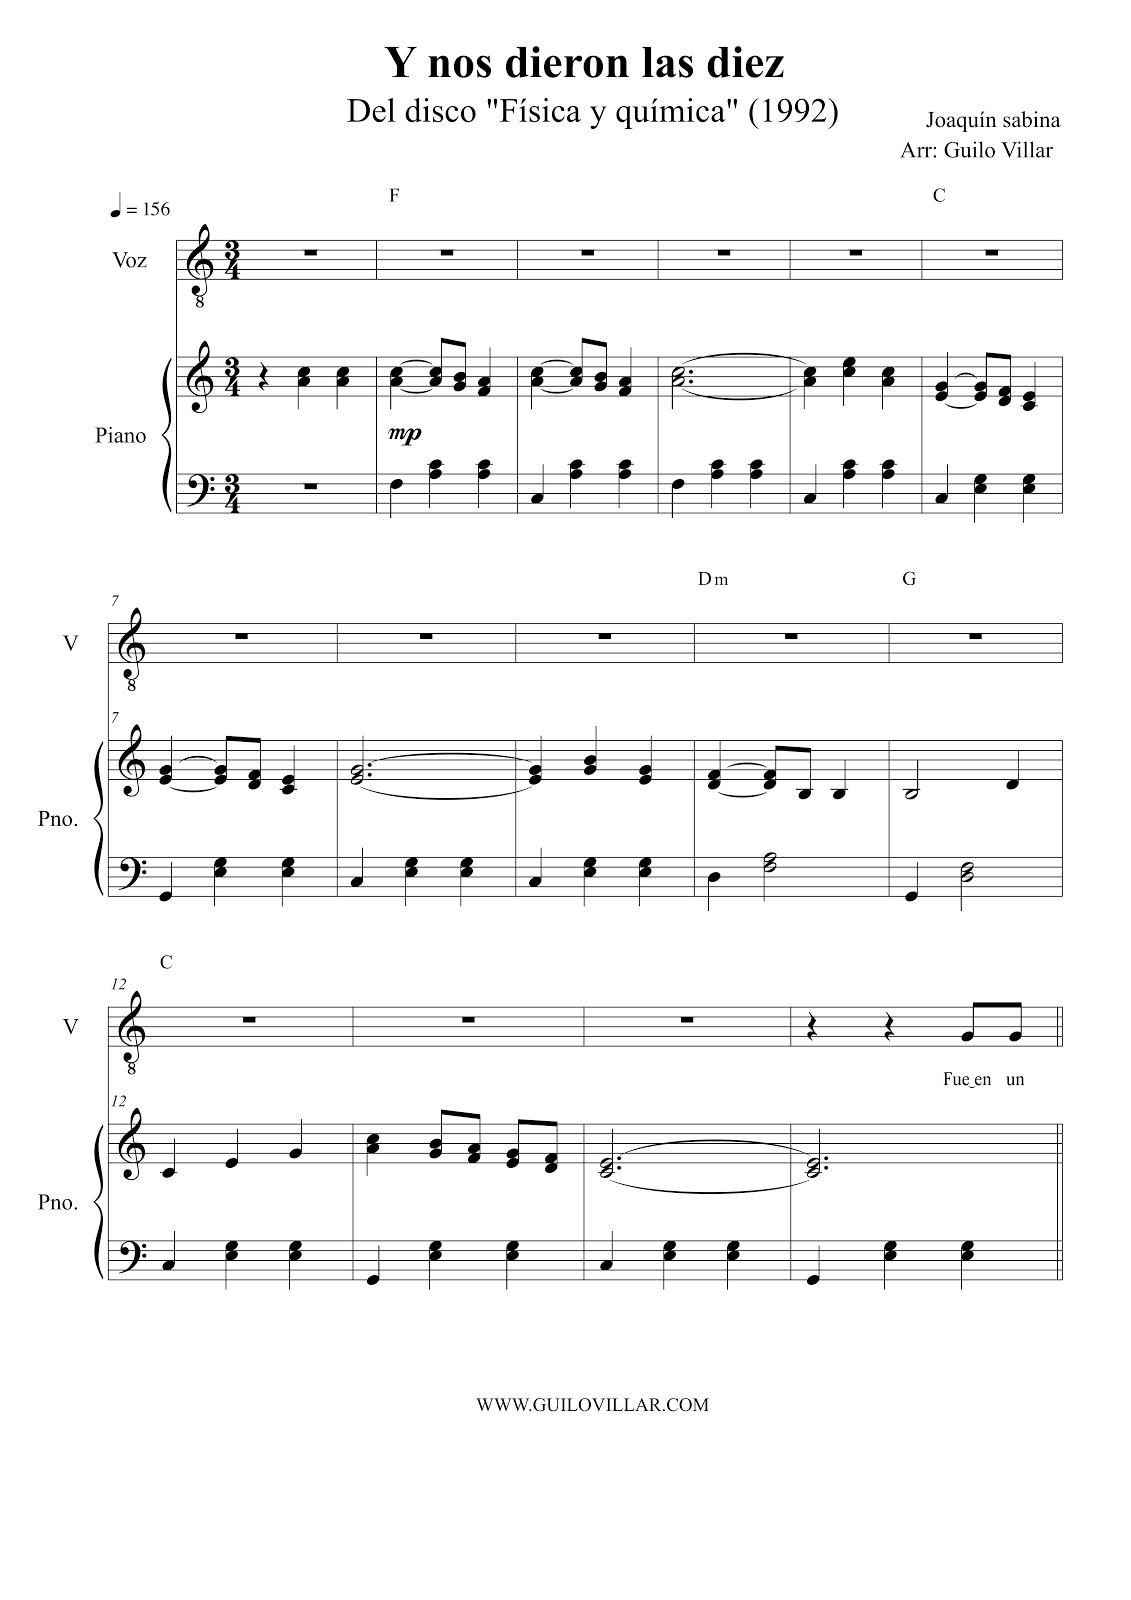 Joaquin Sabina Y Nos Dieron Las Diez Partitura Para Piano Y Voz